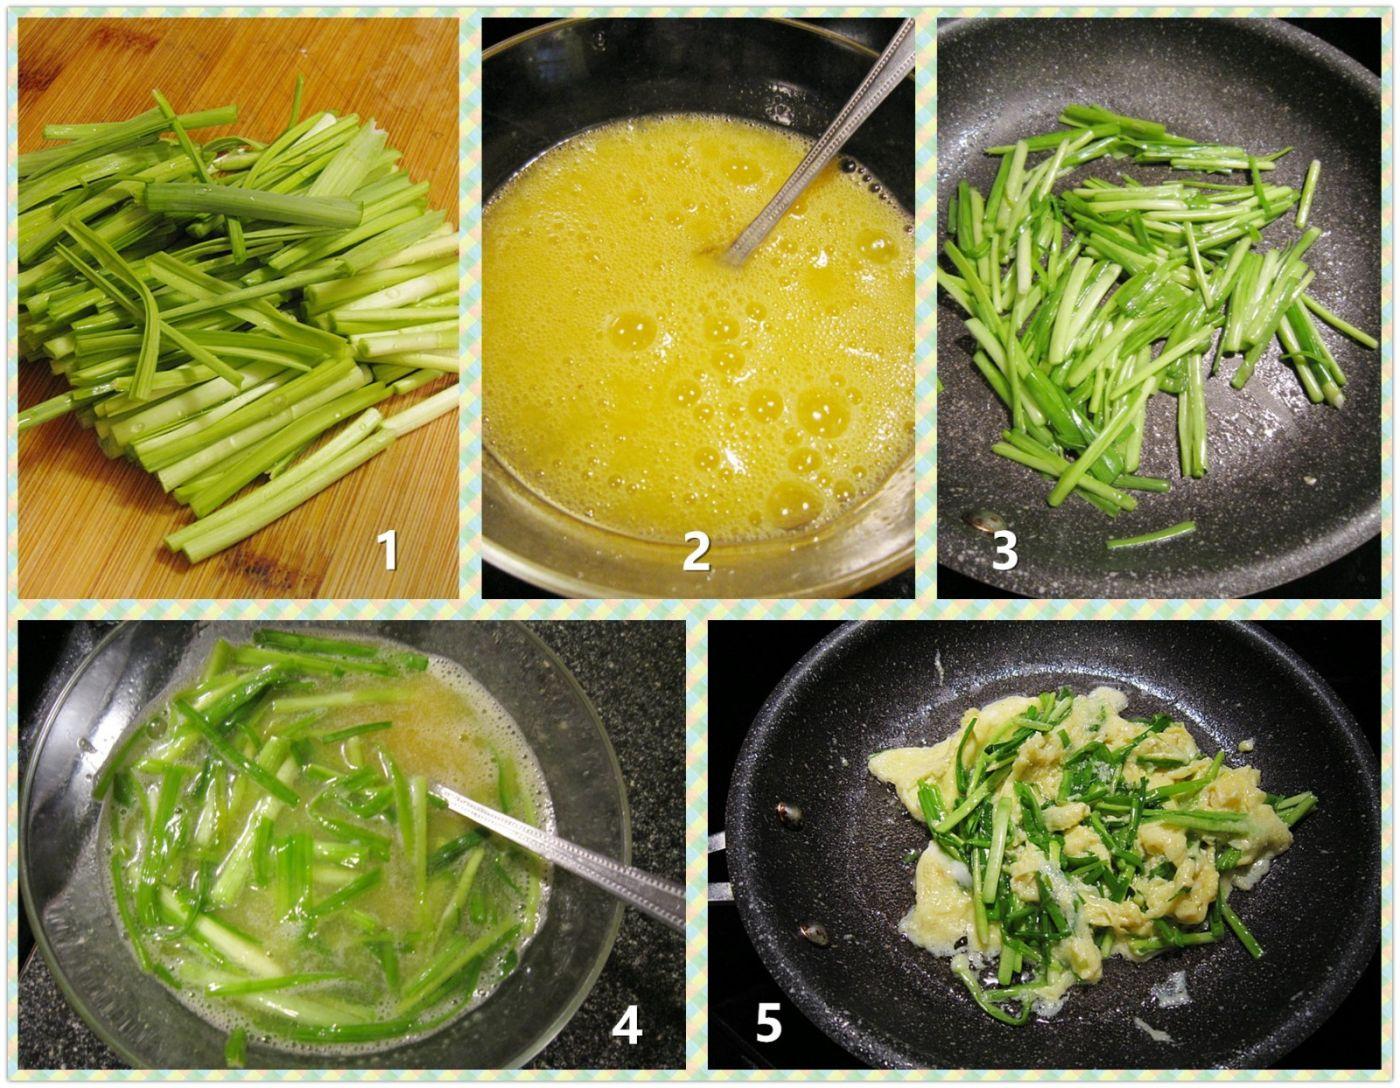 蒜苗炒蛋_图1-2